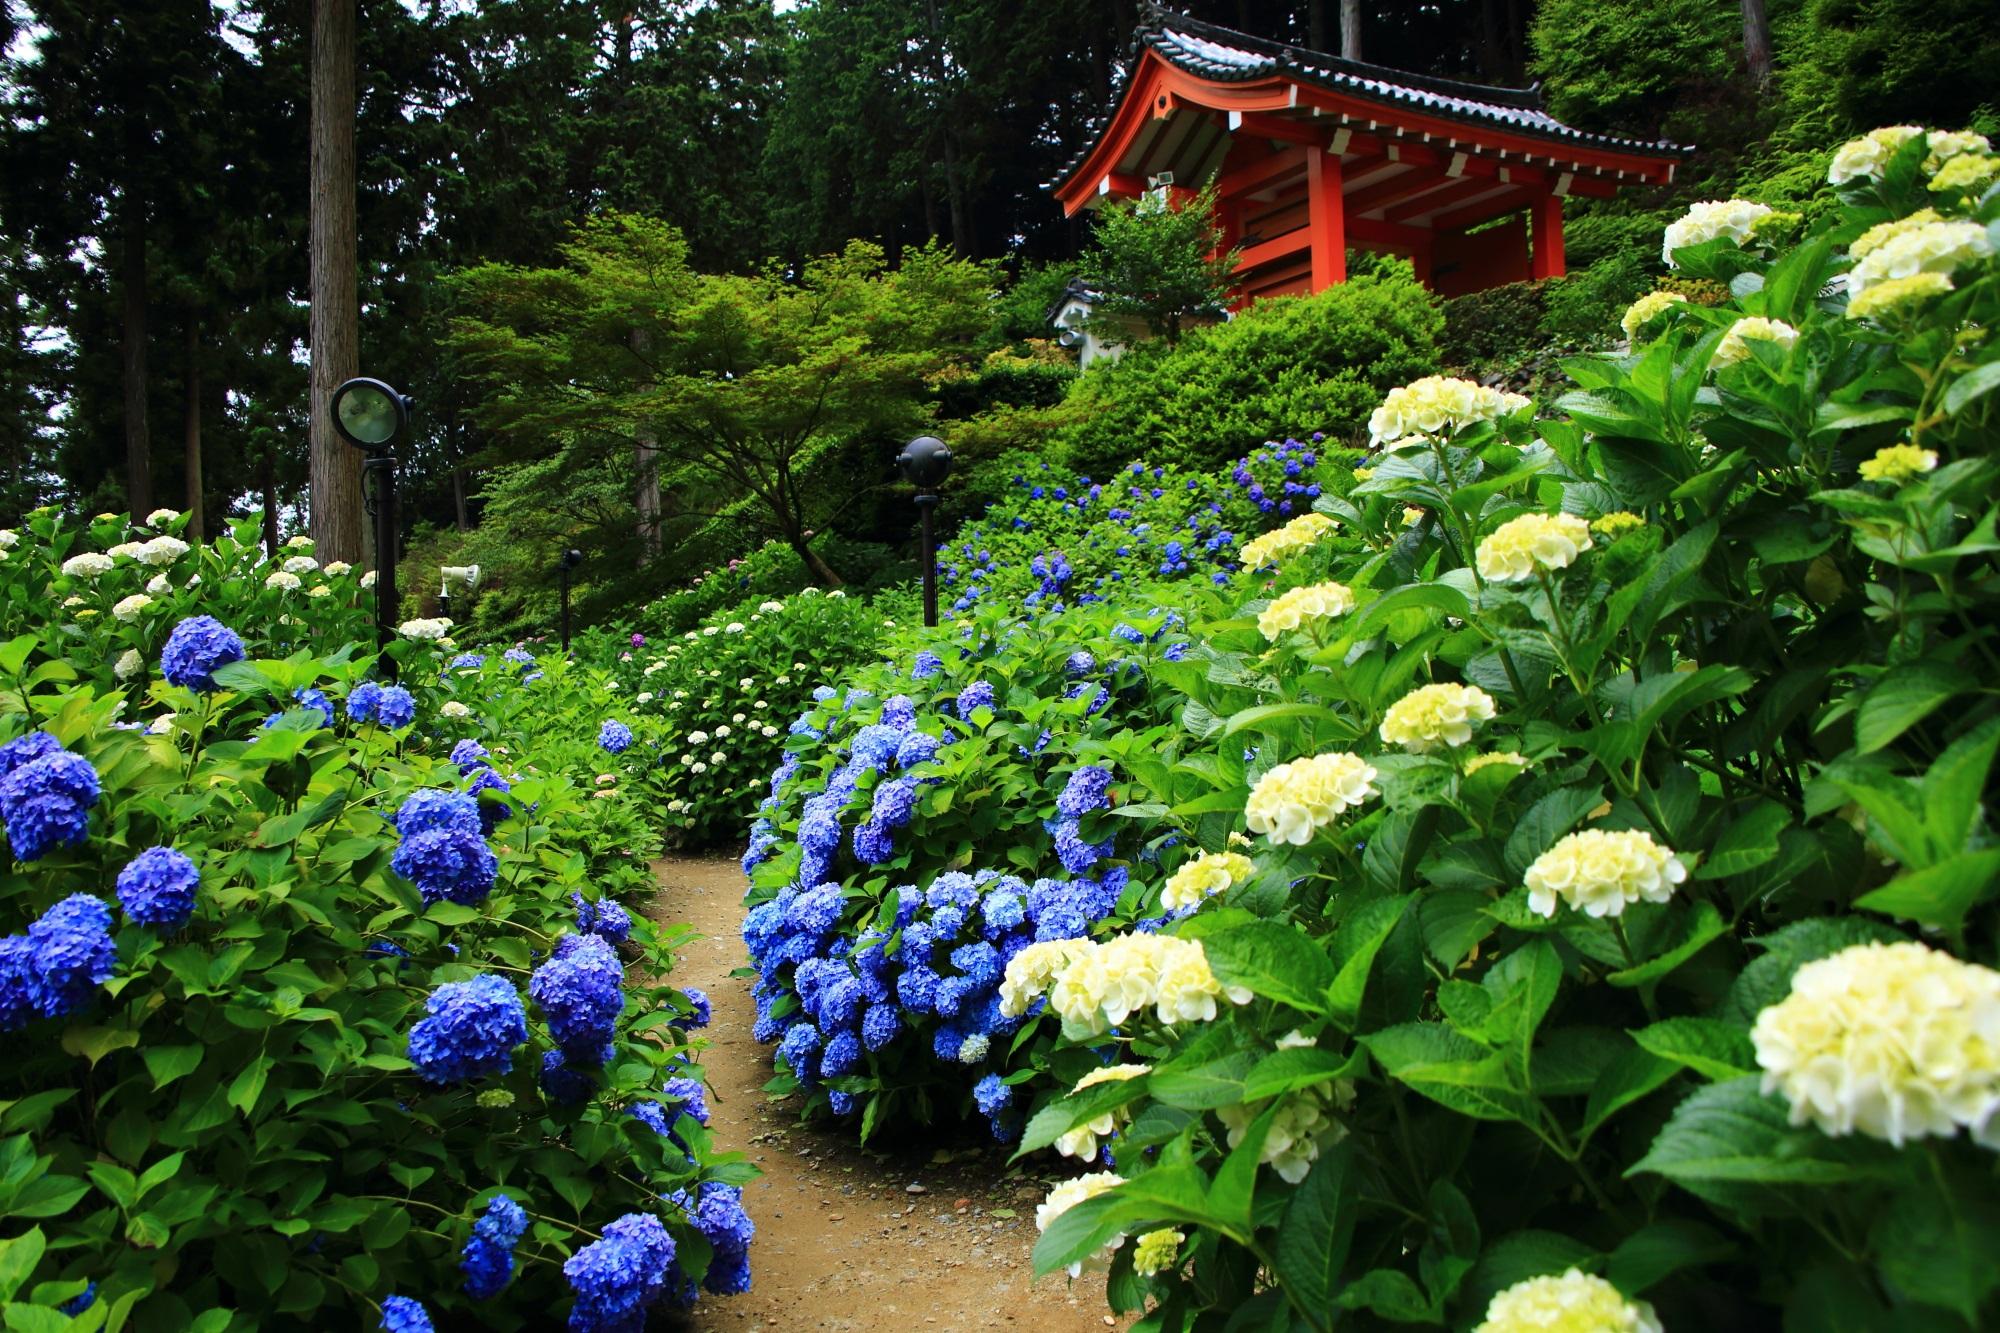 三室戸寺の山門の下で咲き誇る色とりどりの紫陽花